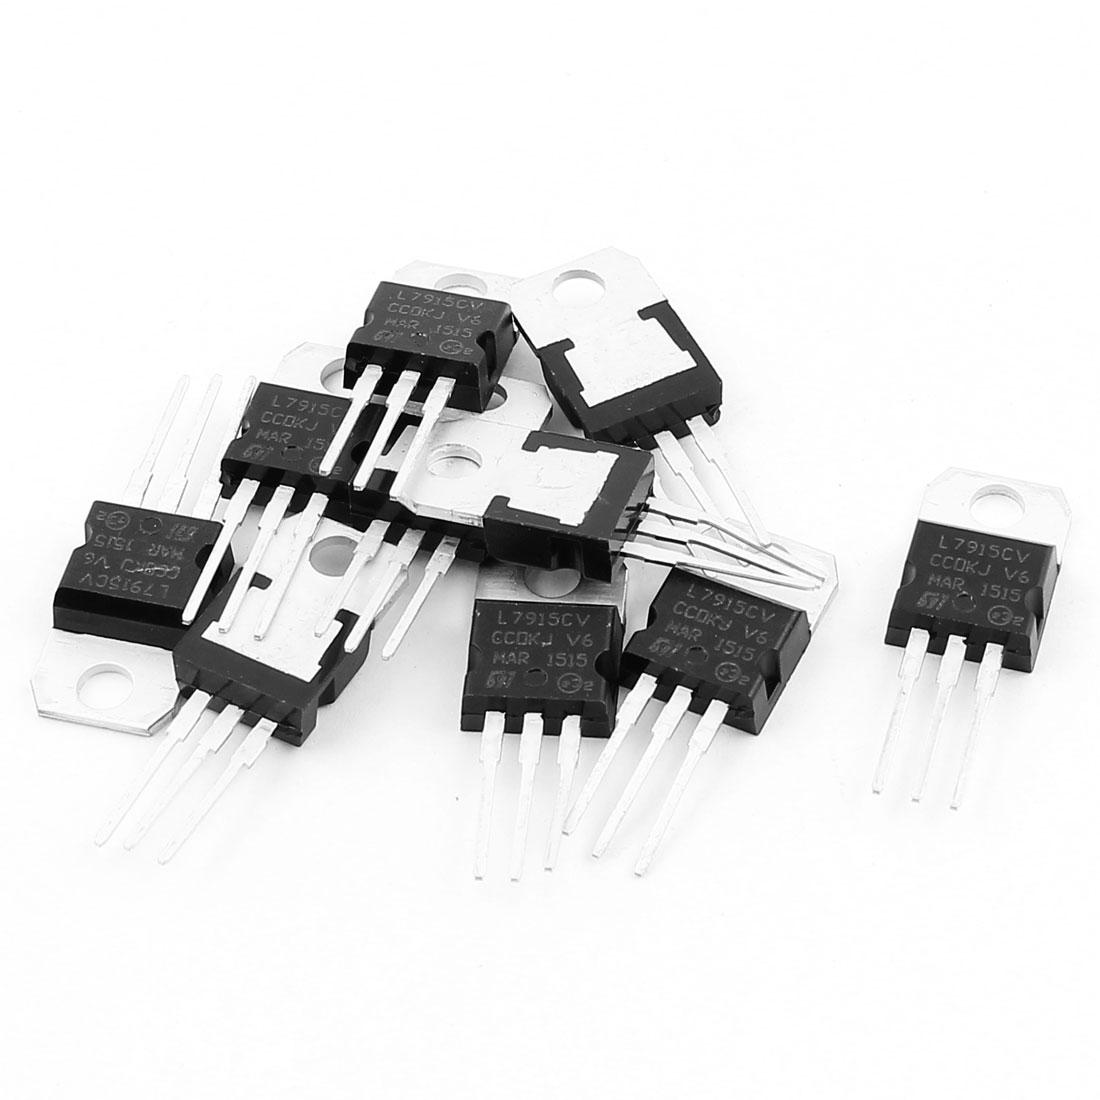 10 Pcs 15V 1A 3 Pin Terminals L7915CV Negative Voltage Regulator TO-220